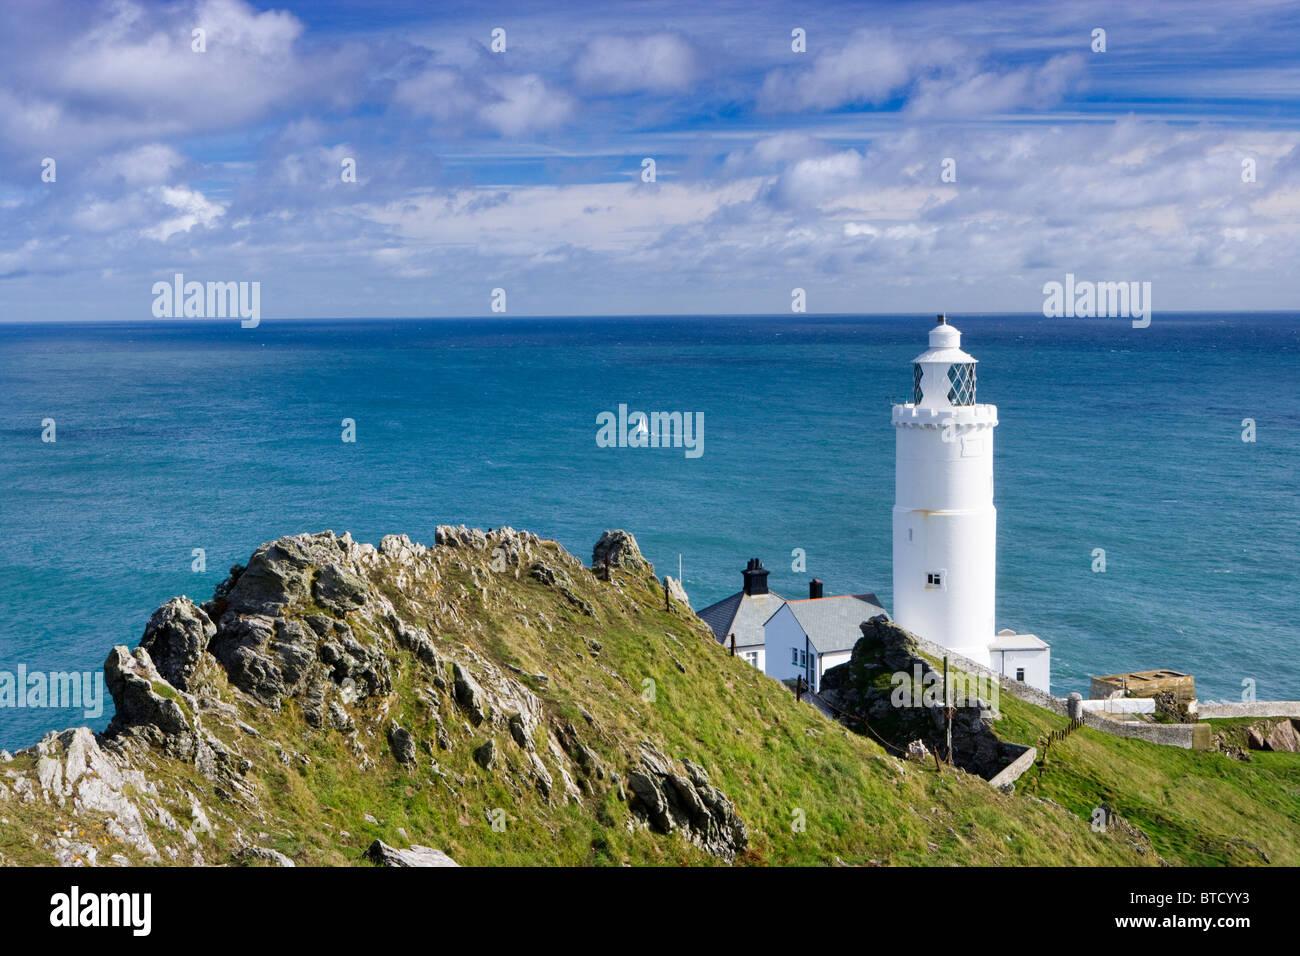 Il punto di inizio Lighthouse vicino a Salcombe, Devon, Regno Unito. Immagini Stock